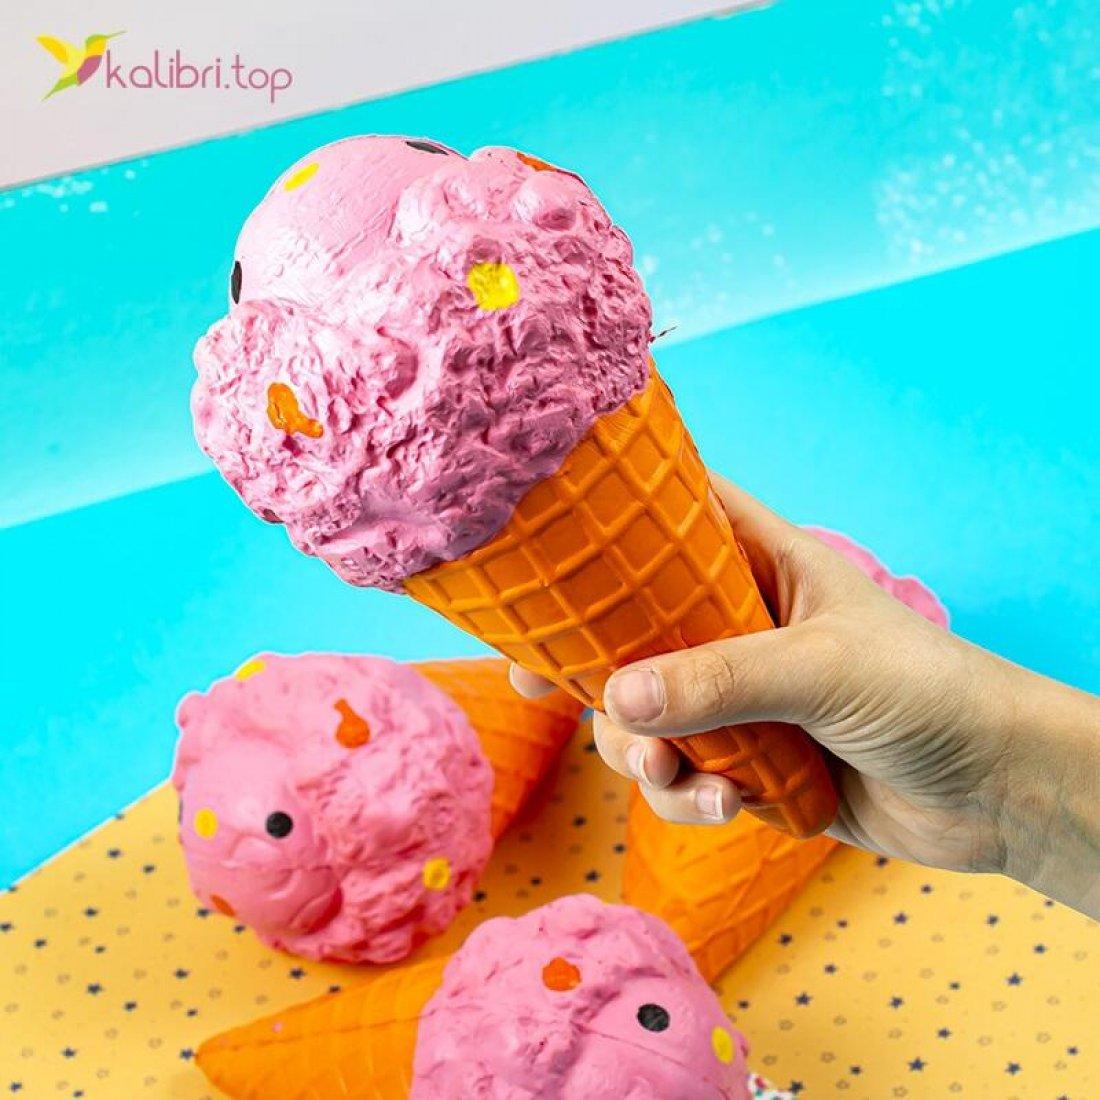 Купить Сквиш Мороженое оранжевое оптом фото 02